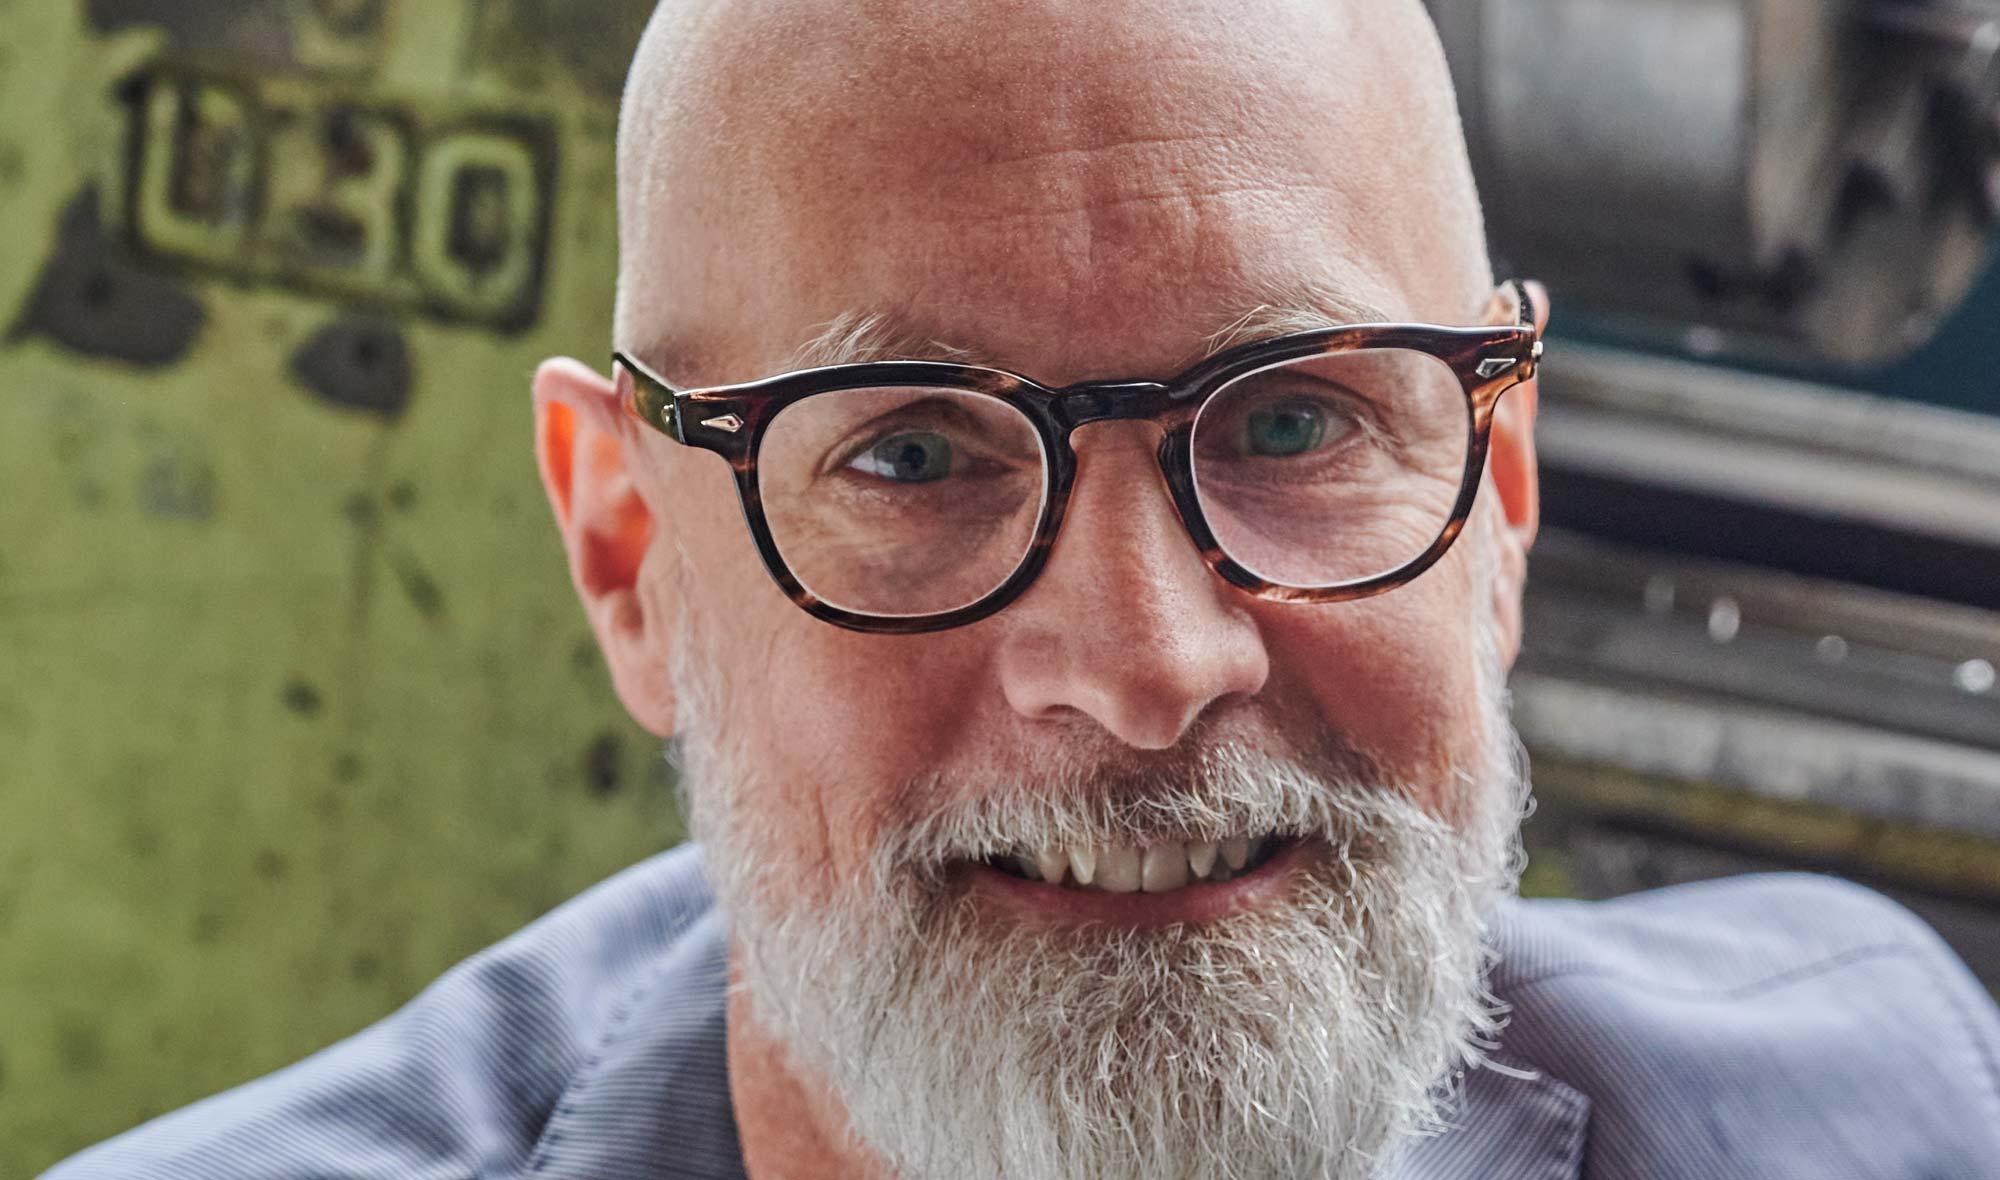 TVR – True Vintage Revival – havanna farbige Acetat Brille – handgefertigt in Japan - KITSCHENBERG Brillen